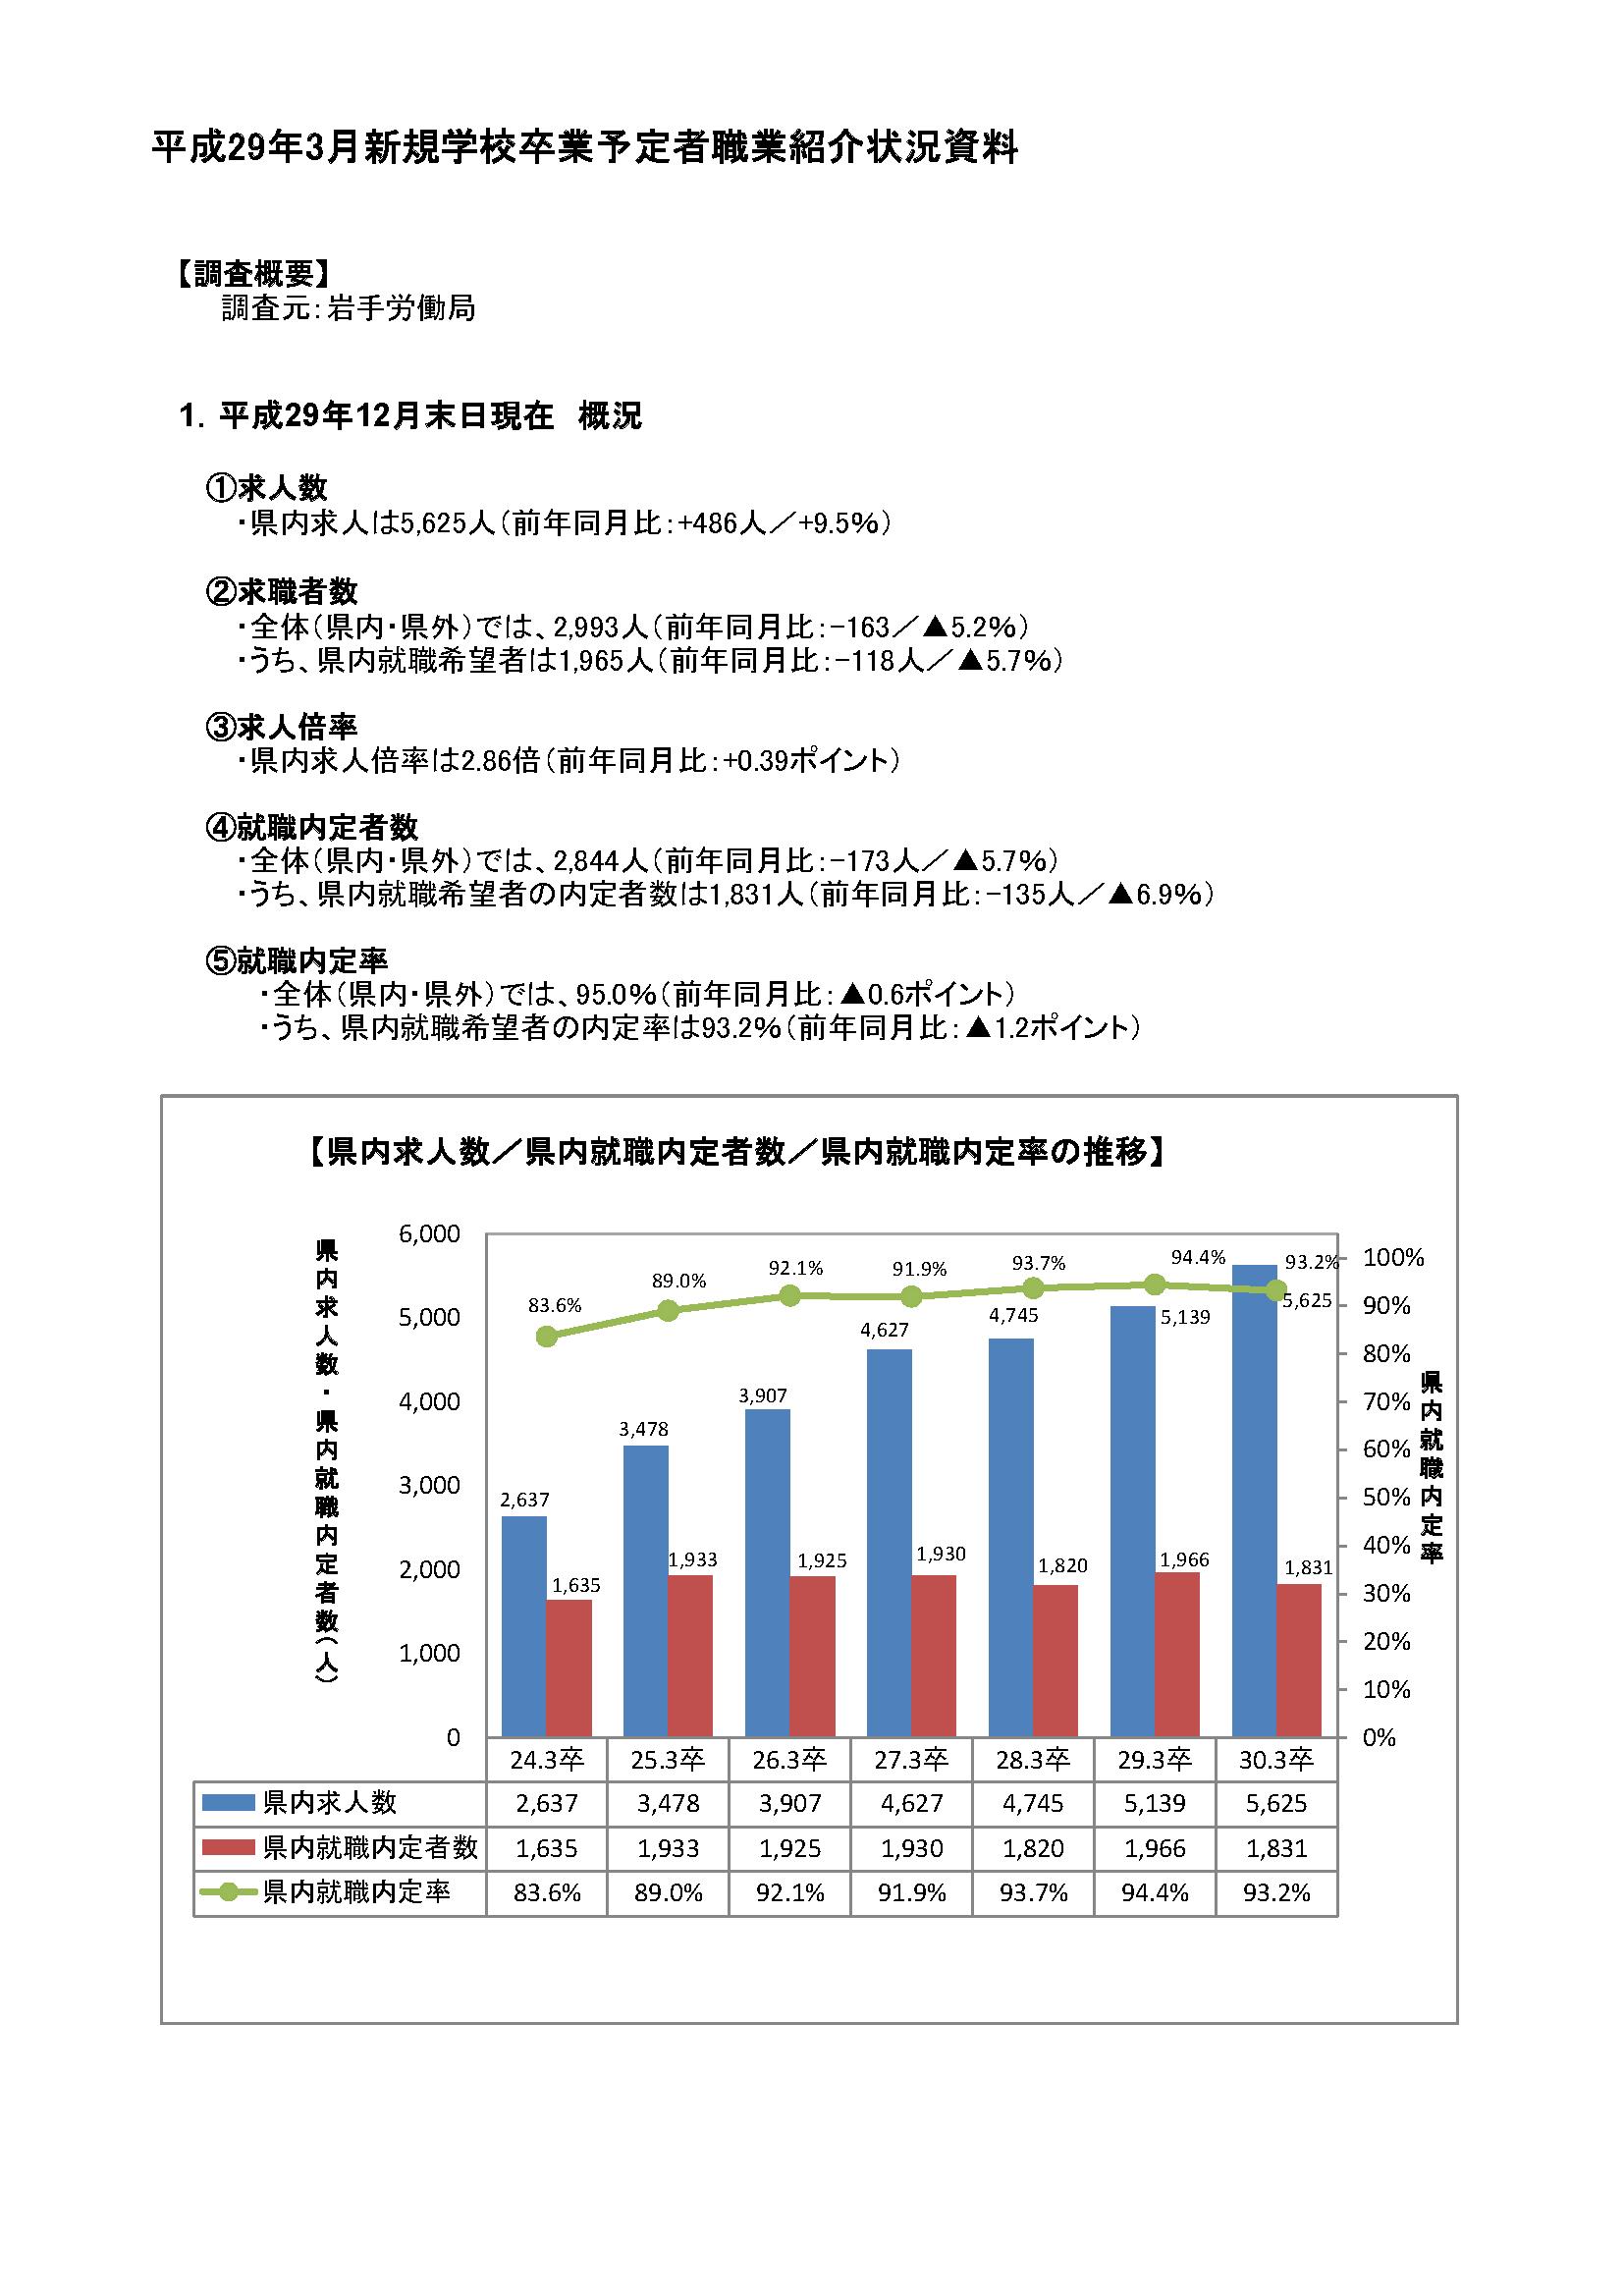 H30.3月高卒者職業紹介状況資料(201812月末現在)